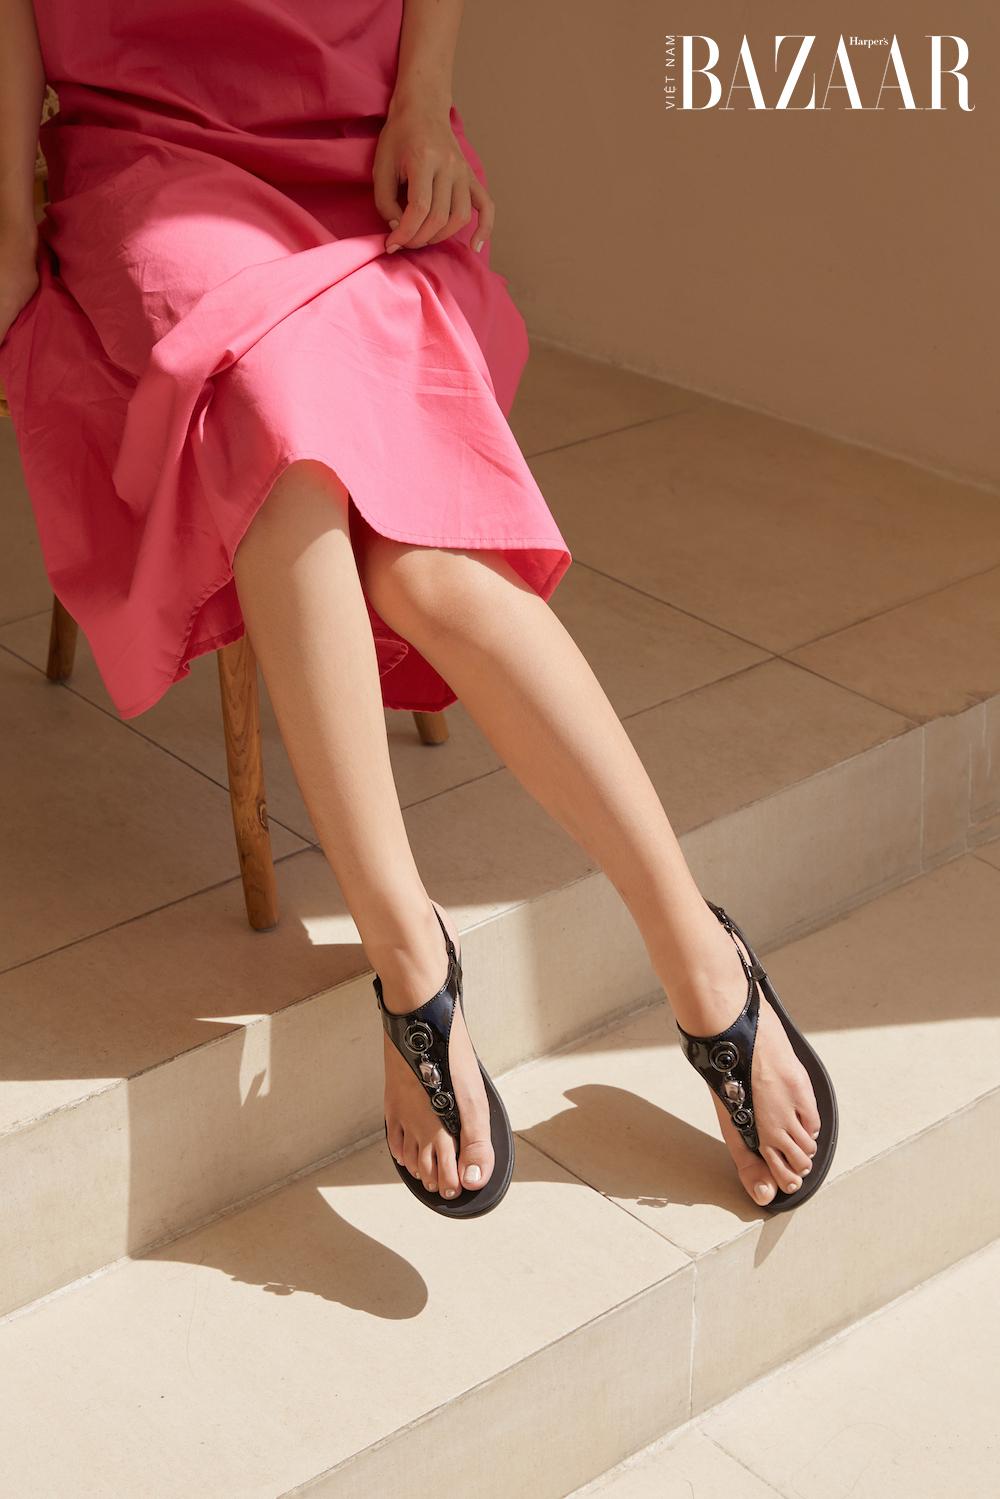 Bí mật công nghệ làm nên giày dép siêu thoải mái của FitFlop